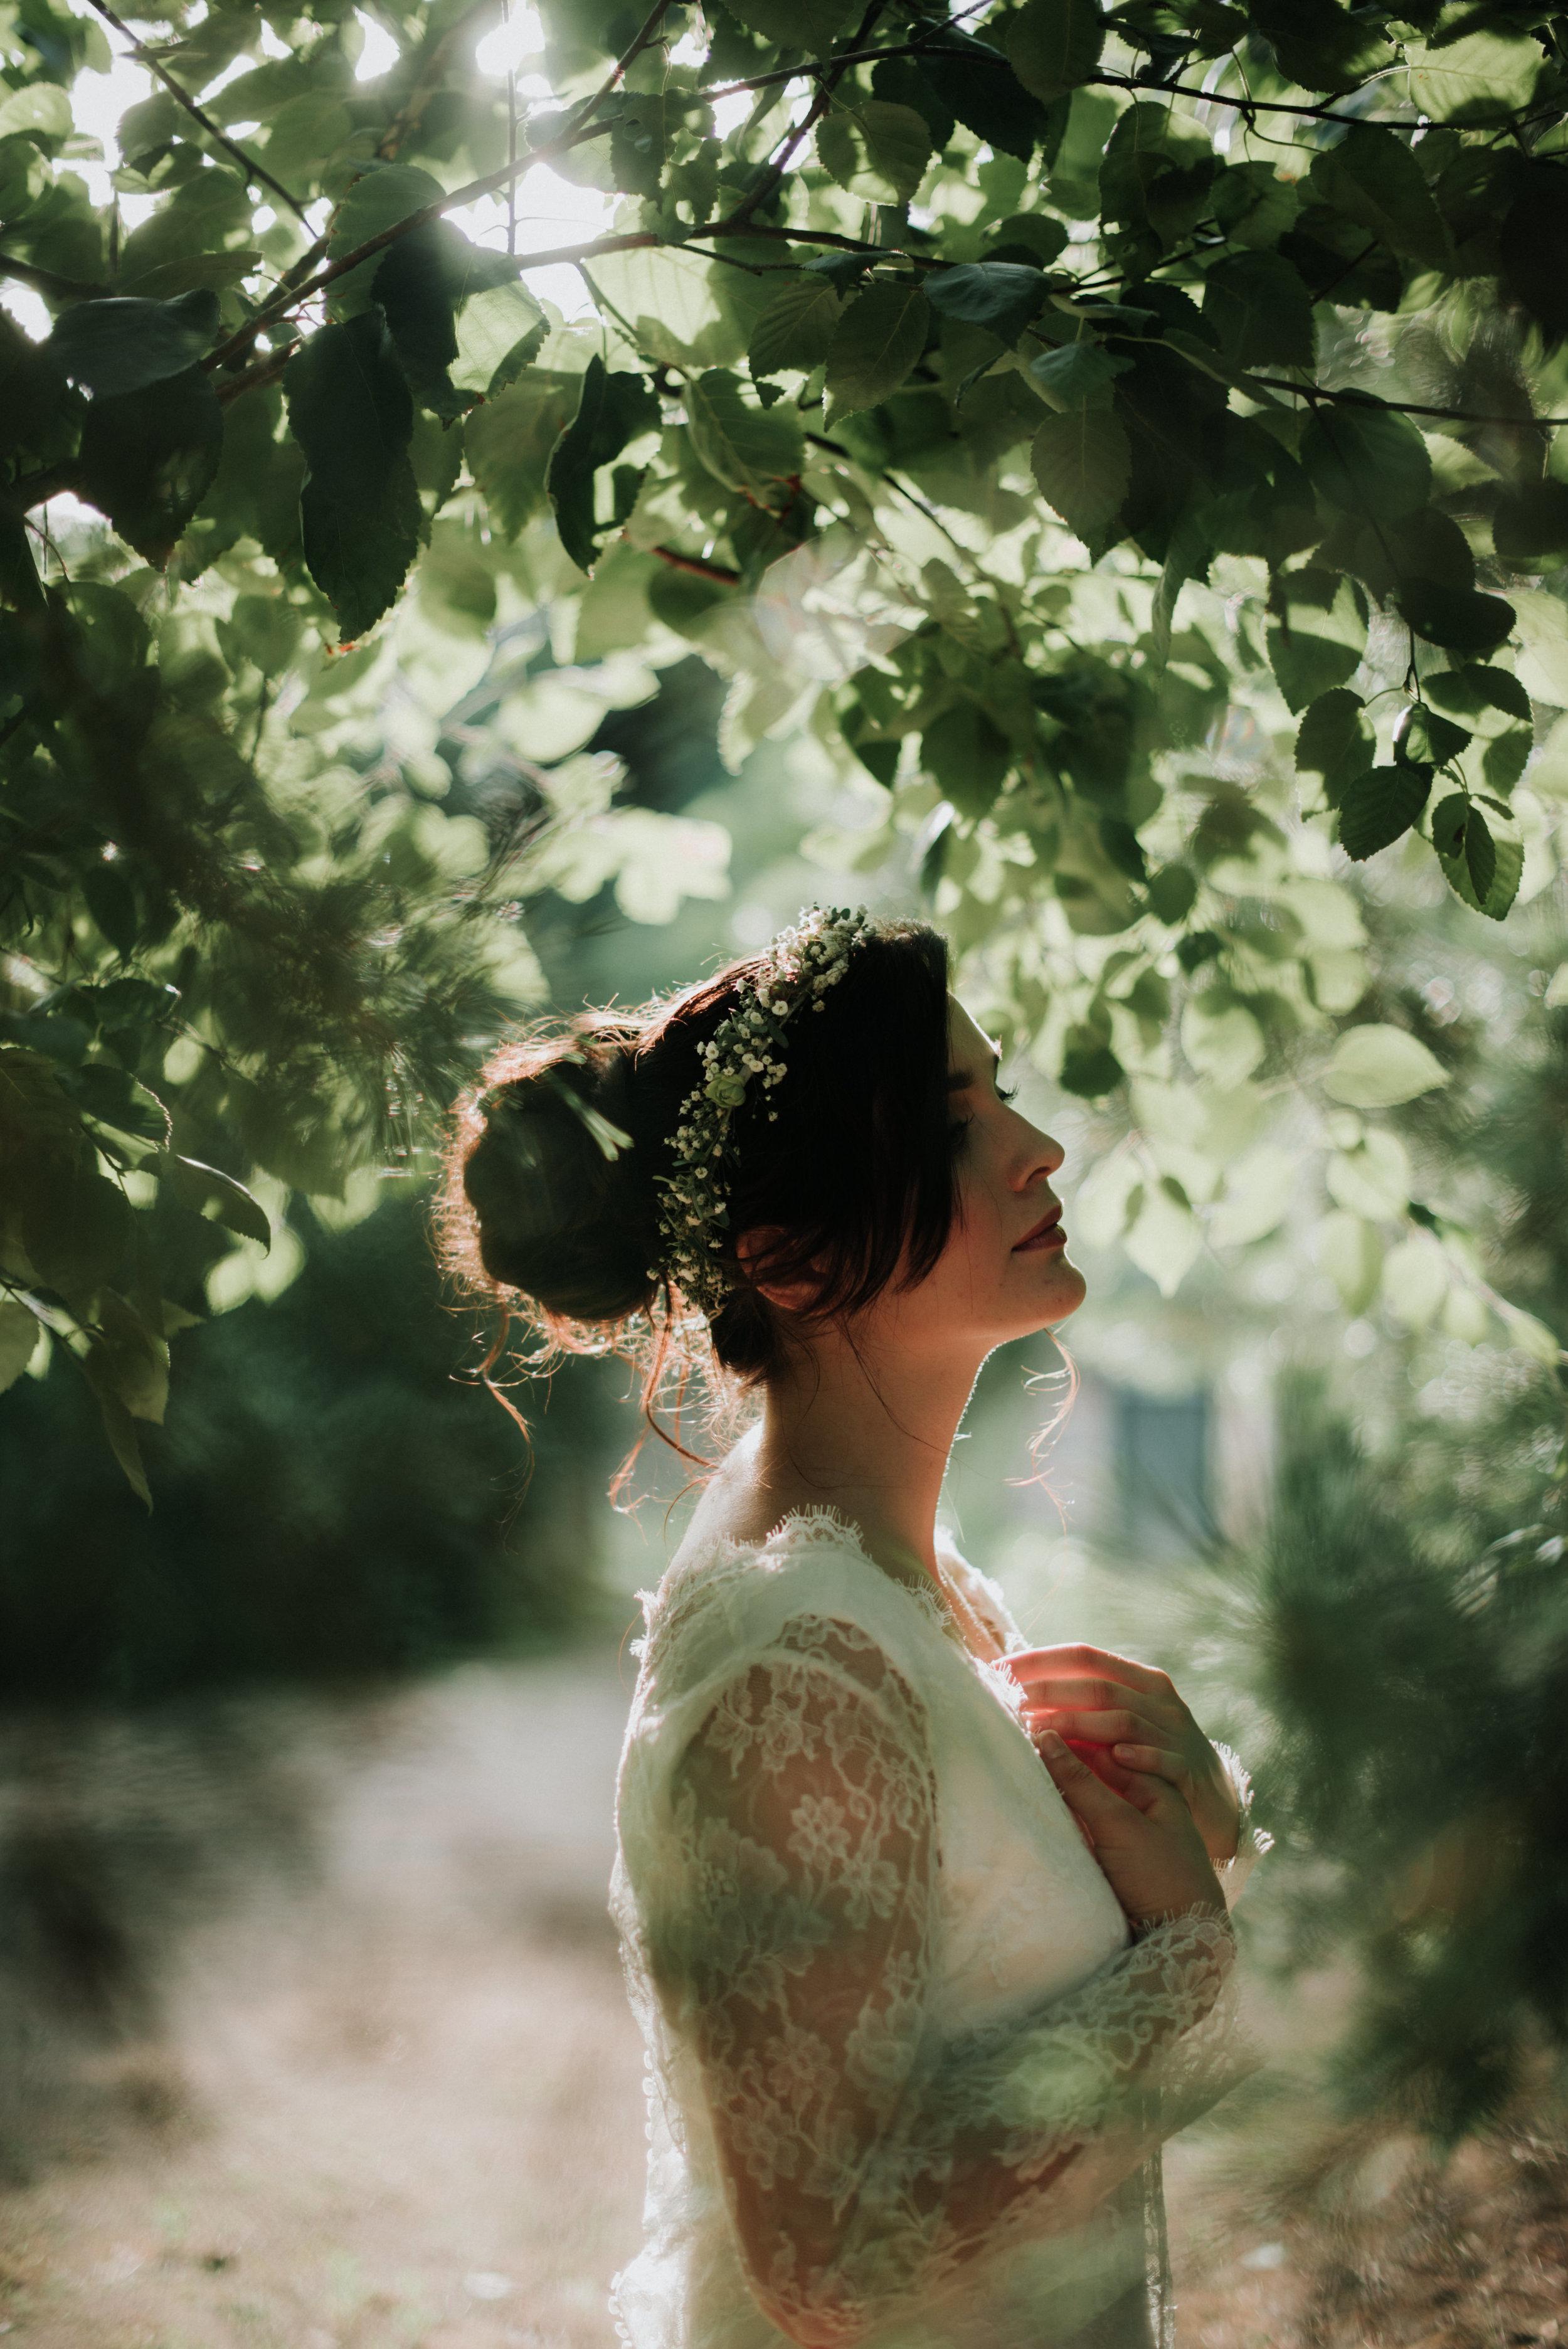 Léa-Fery-photographe-professionnel-lyon-rhone-alpes-portrait-creation-mariage-evenement-evenementiel-famille-9330.jpg